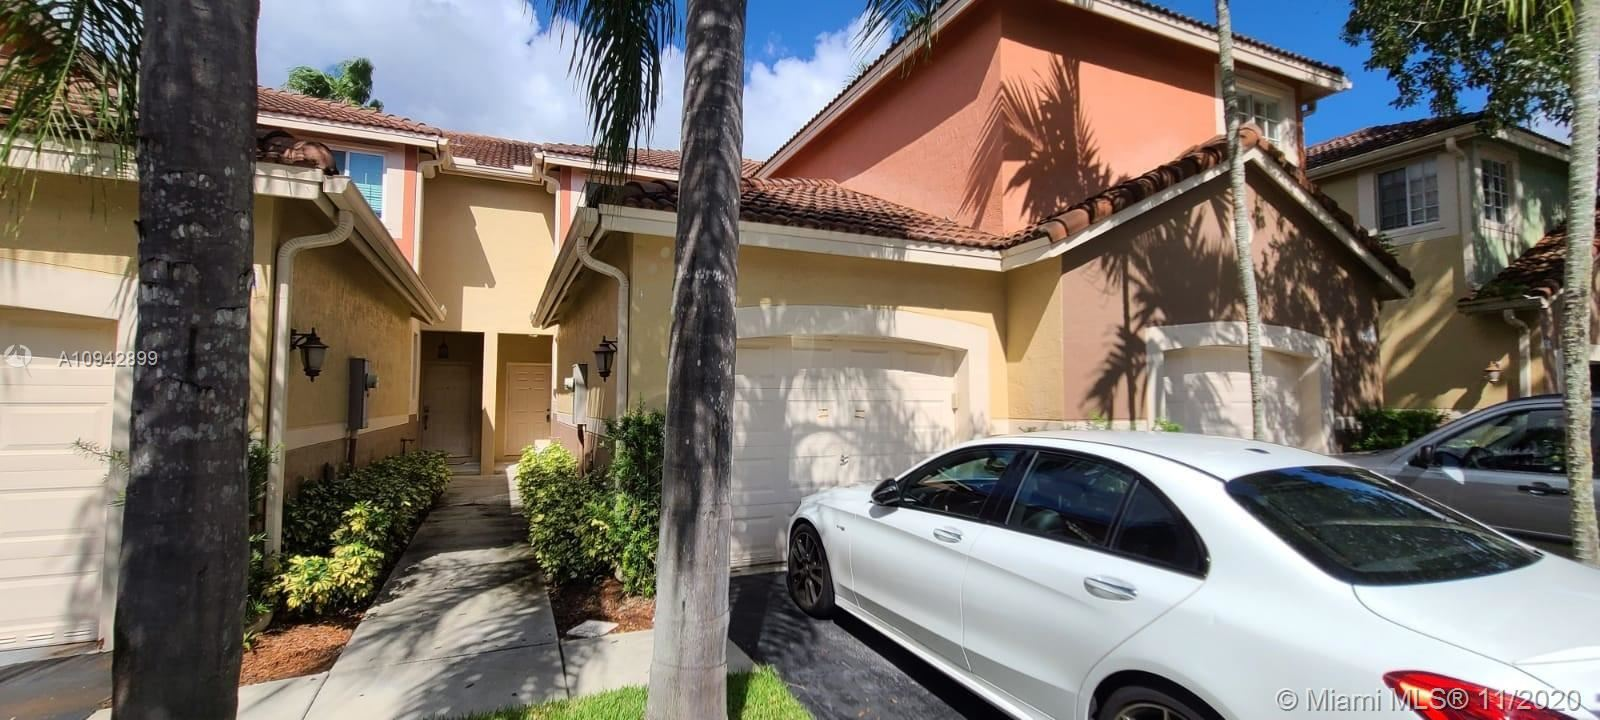 3666 San Simeon Cir #3666, Weston, FL 33331 - #: A10942899